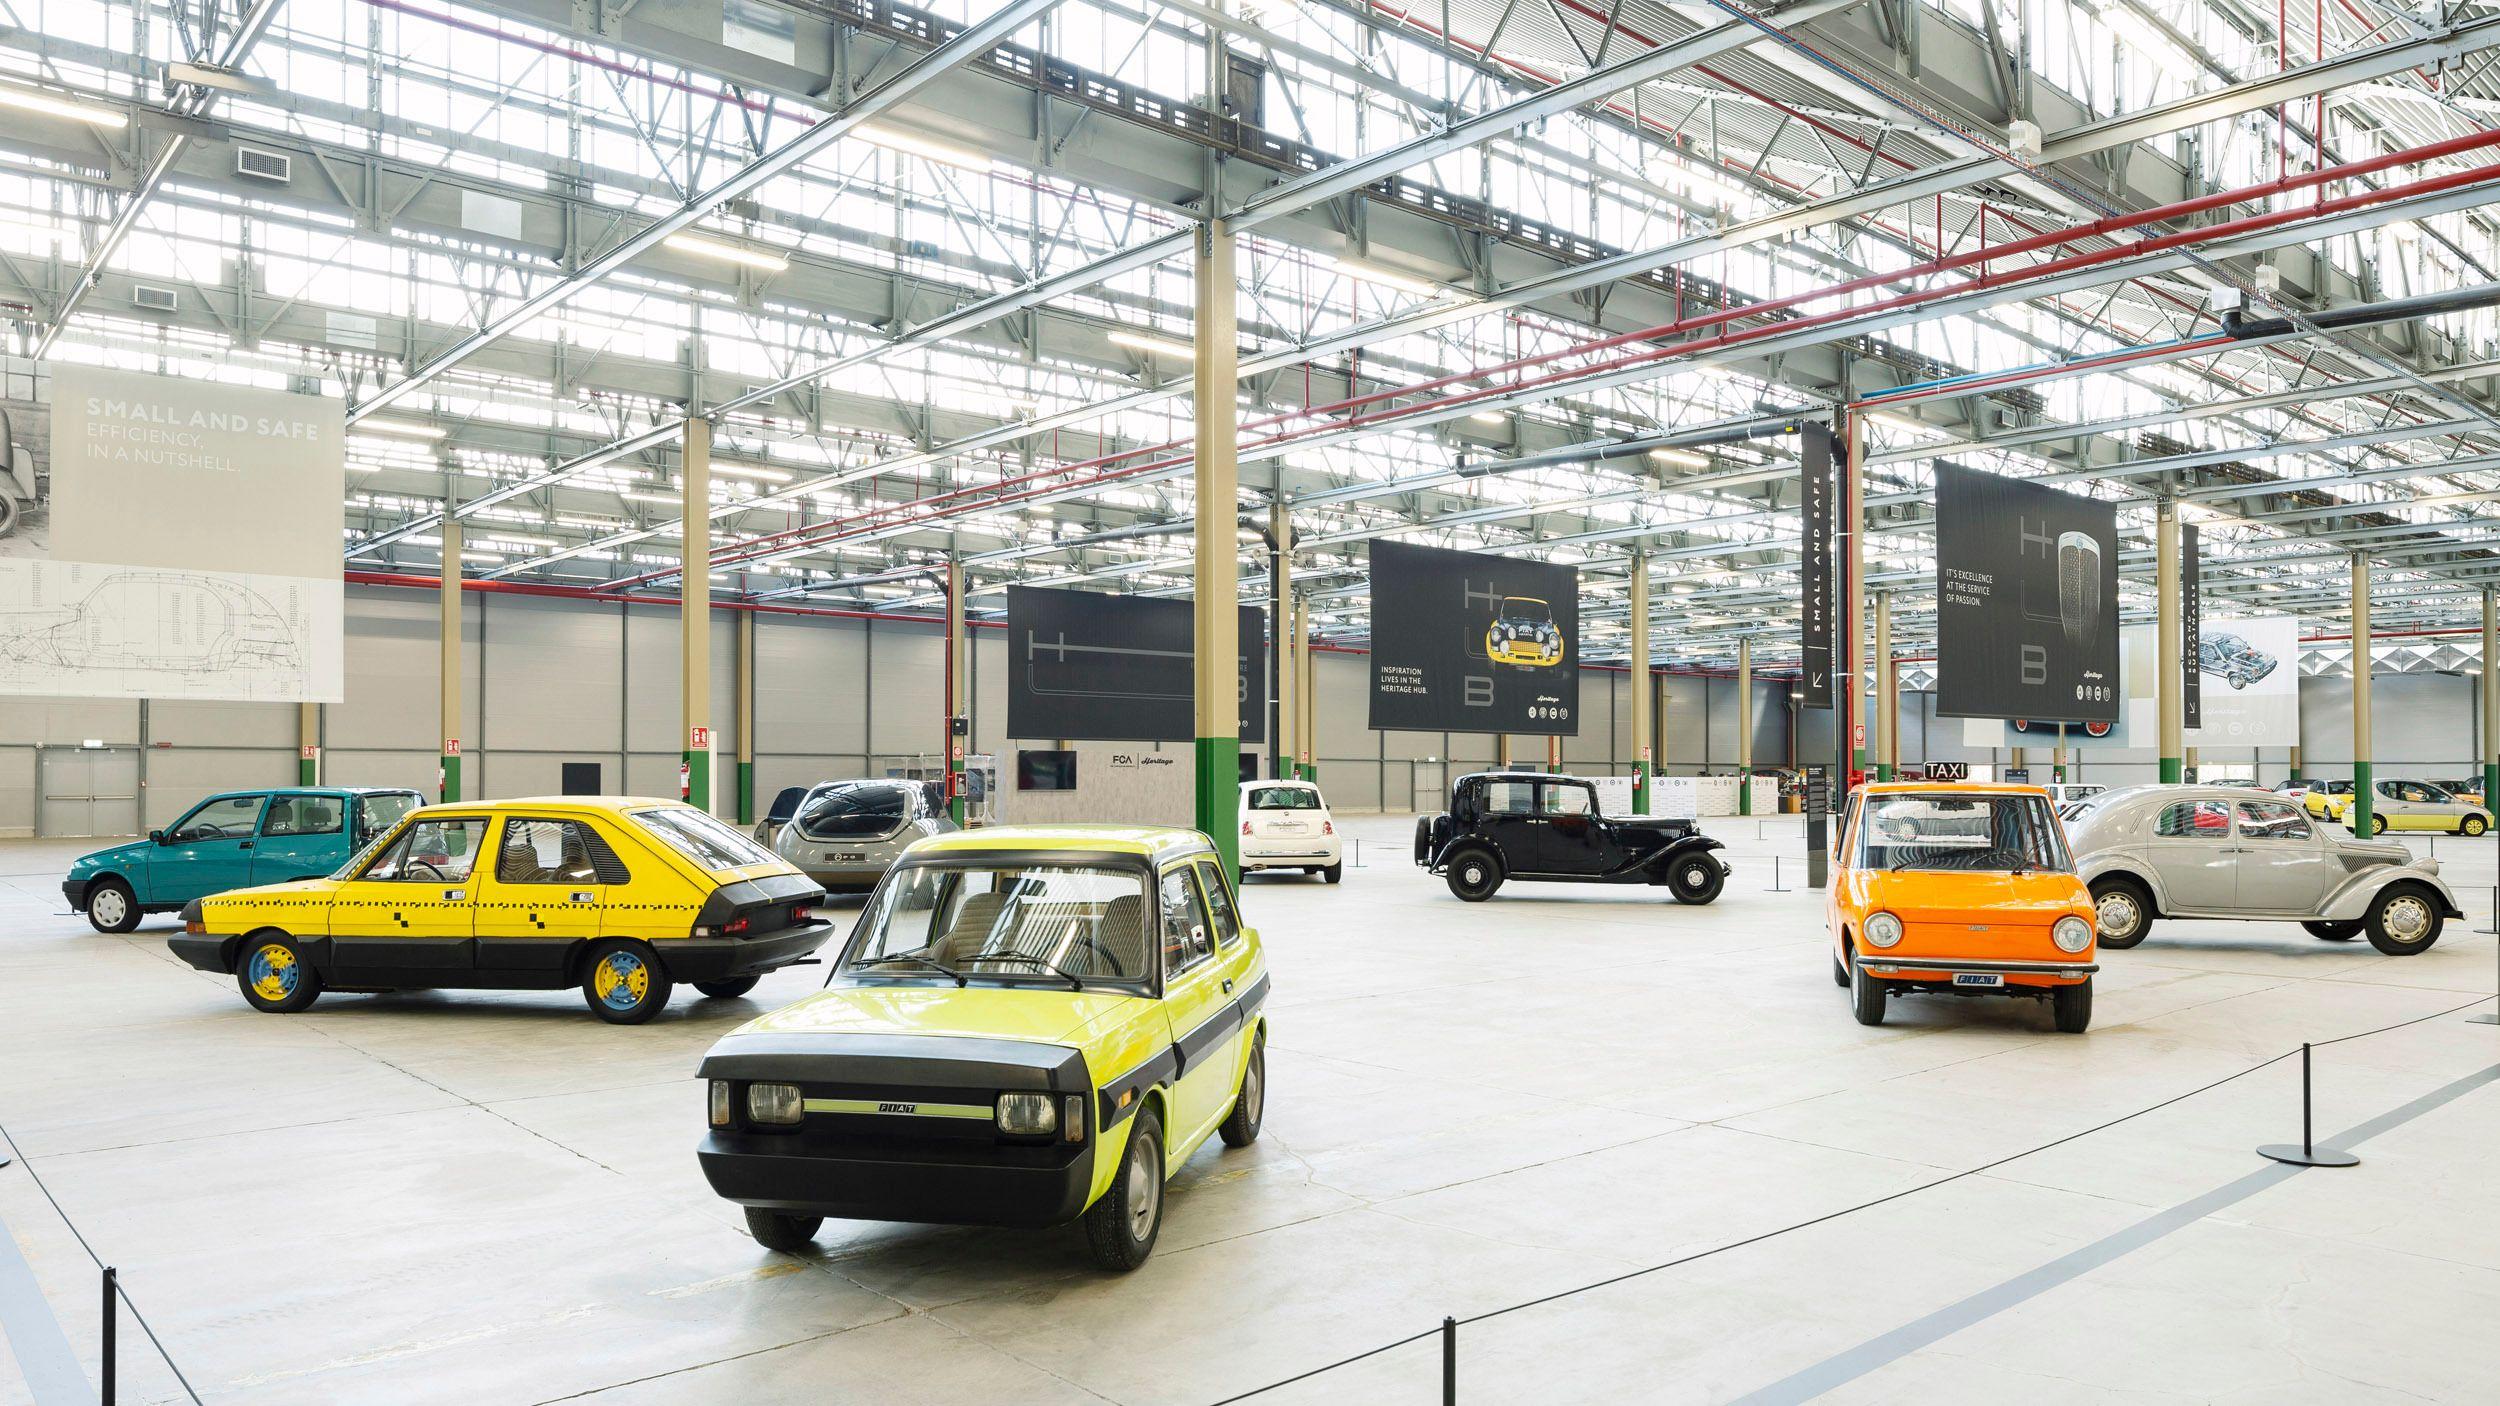 45 фото і відео з нового музею, де зібрано 250 рідкісних і унікальних Fiat, Lancia та Alfa Romeo